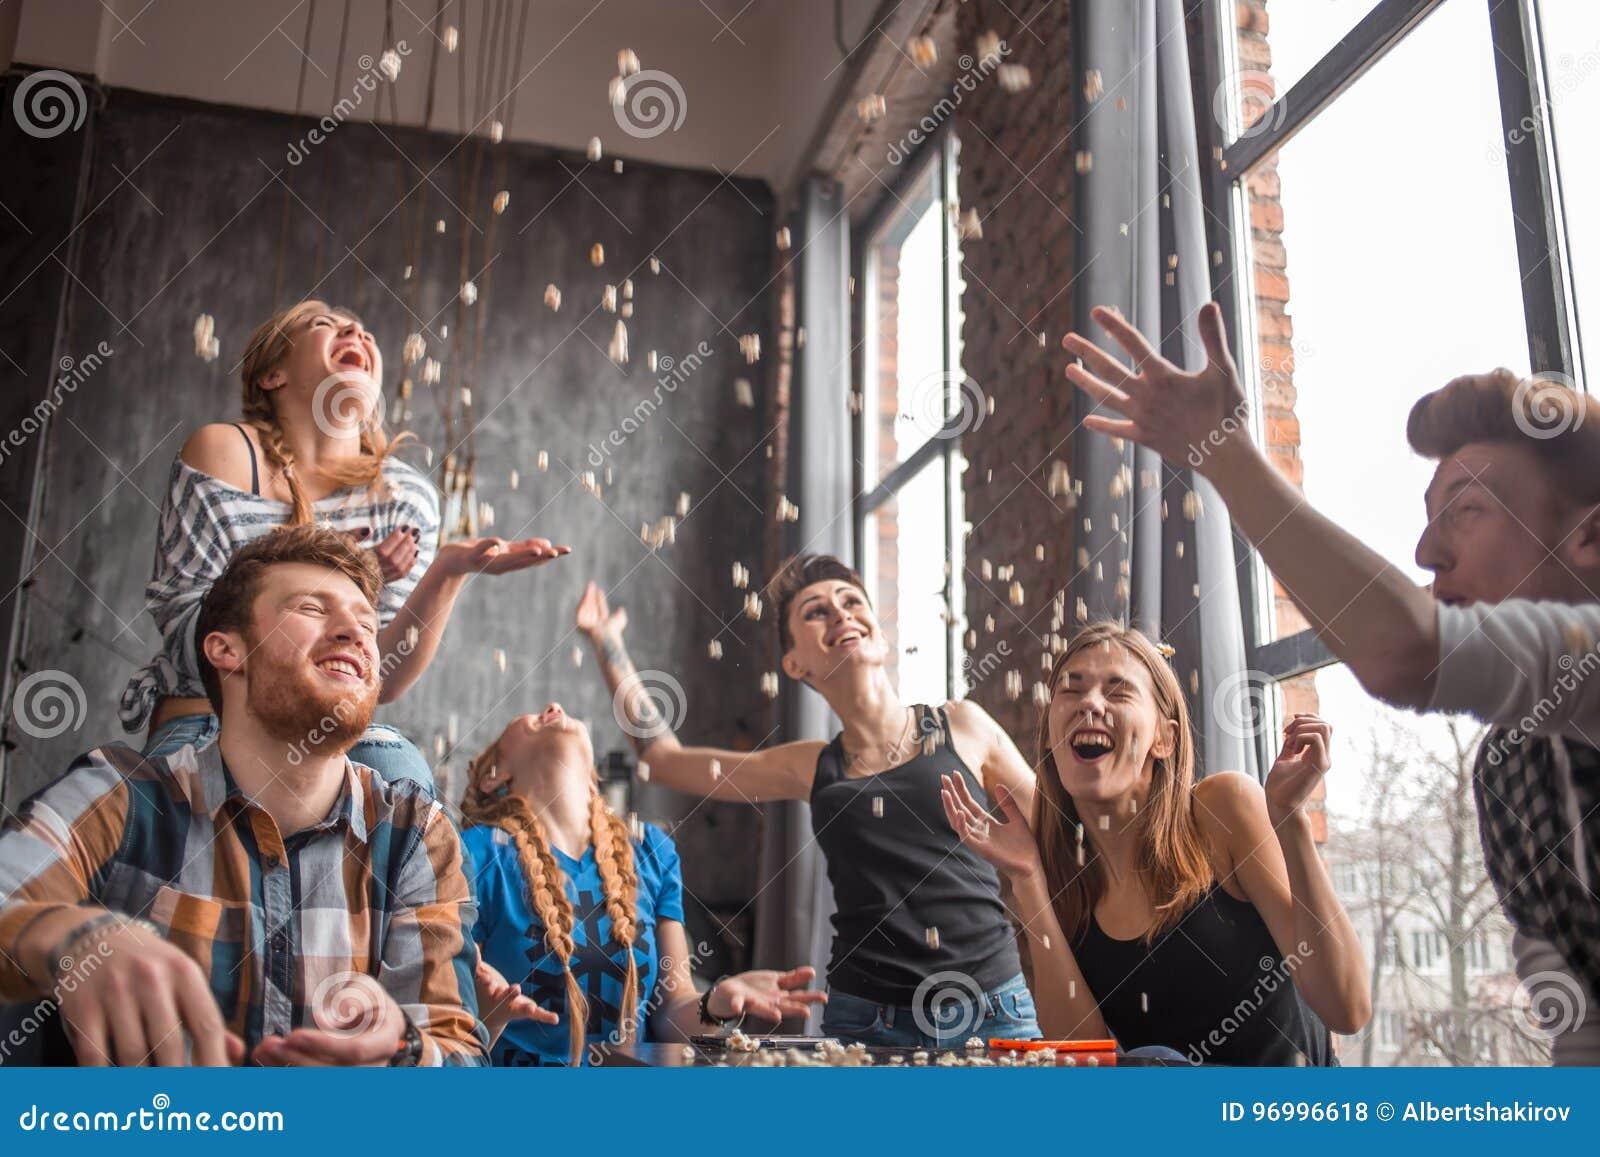 Gruppo allegro di amici divertendosi a casa, mangiando popcorn e godendo insieme